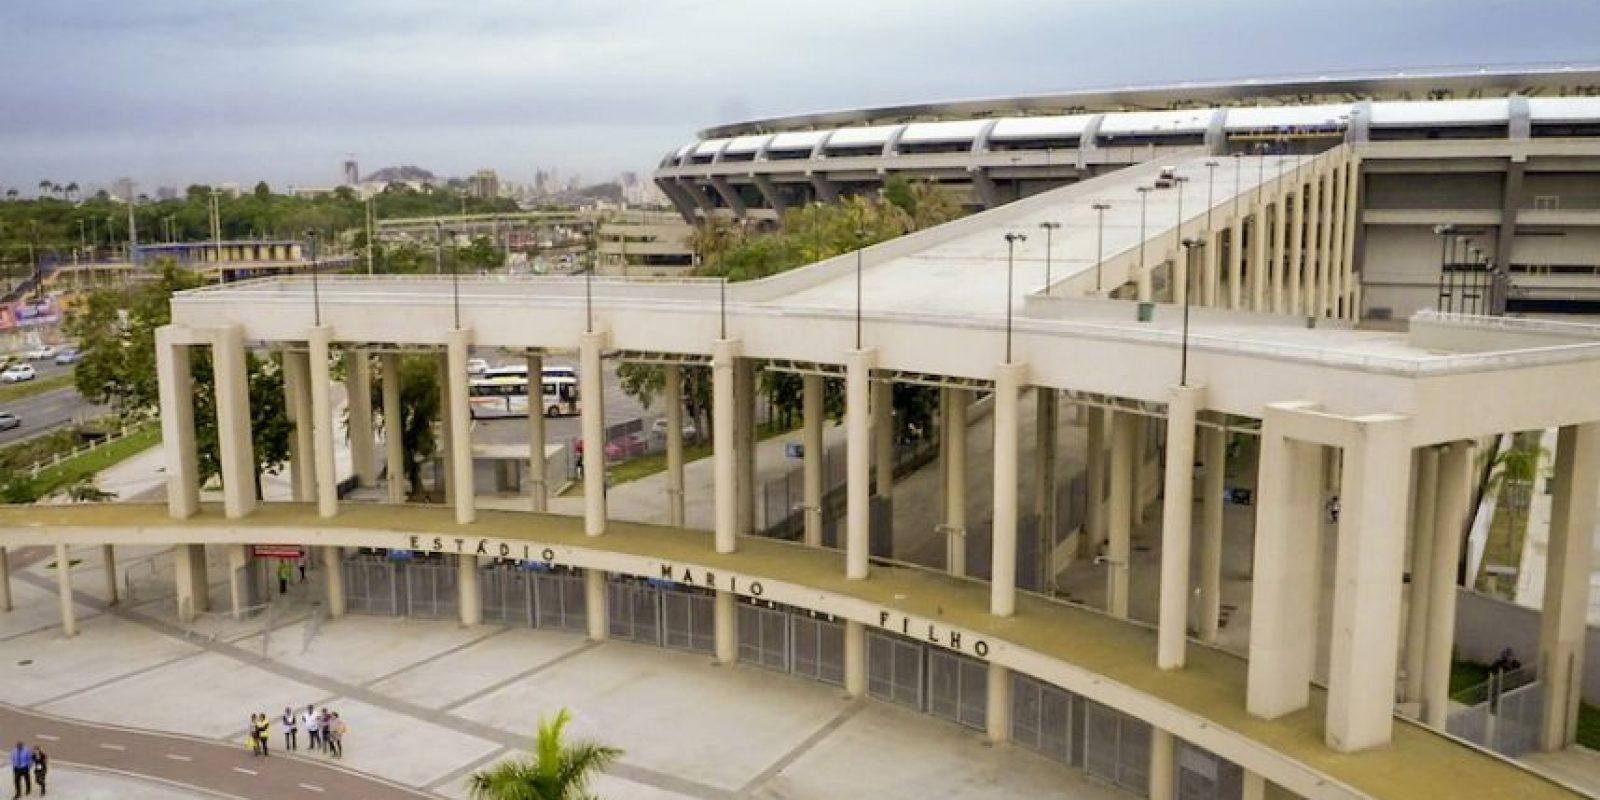 Esta es la entrada principal del Estadio Maracaná. Foto:Airbnb